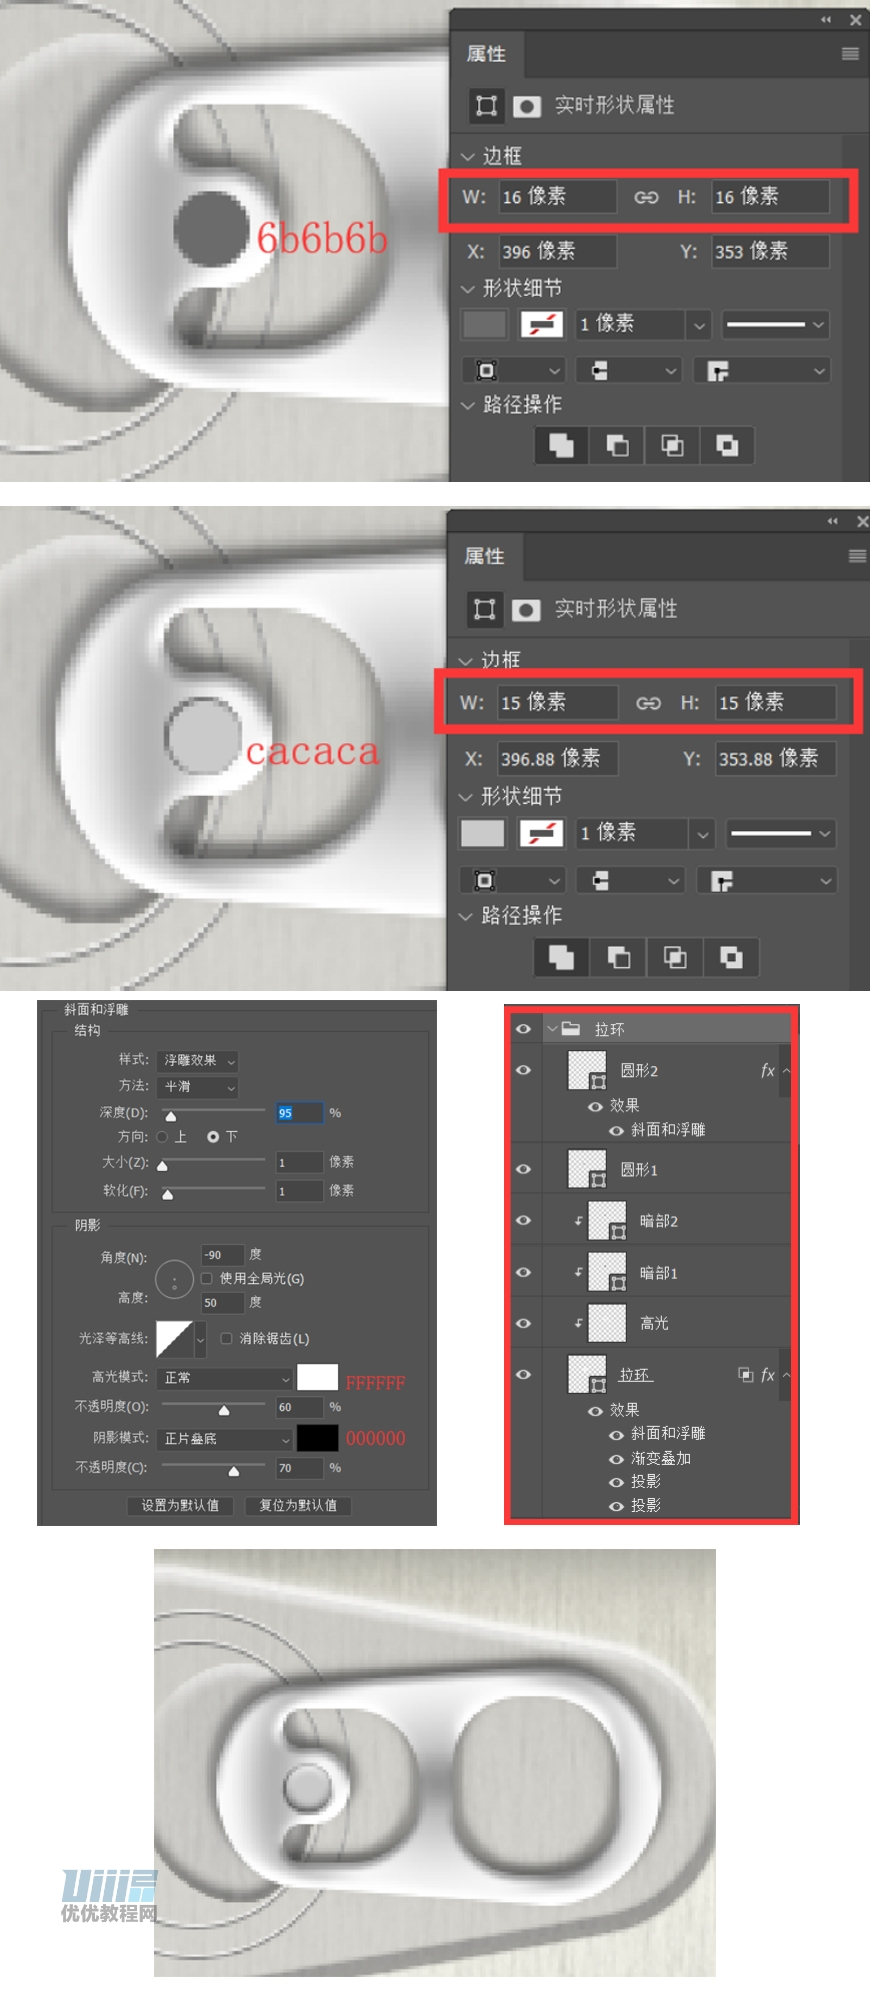 Photoshop制作拉环形状的拟物图标,PS教程,素材中国网